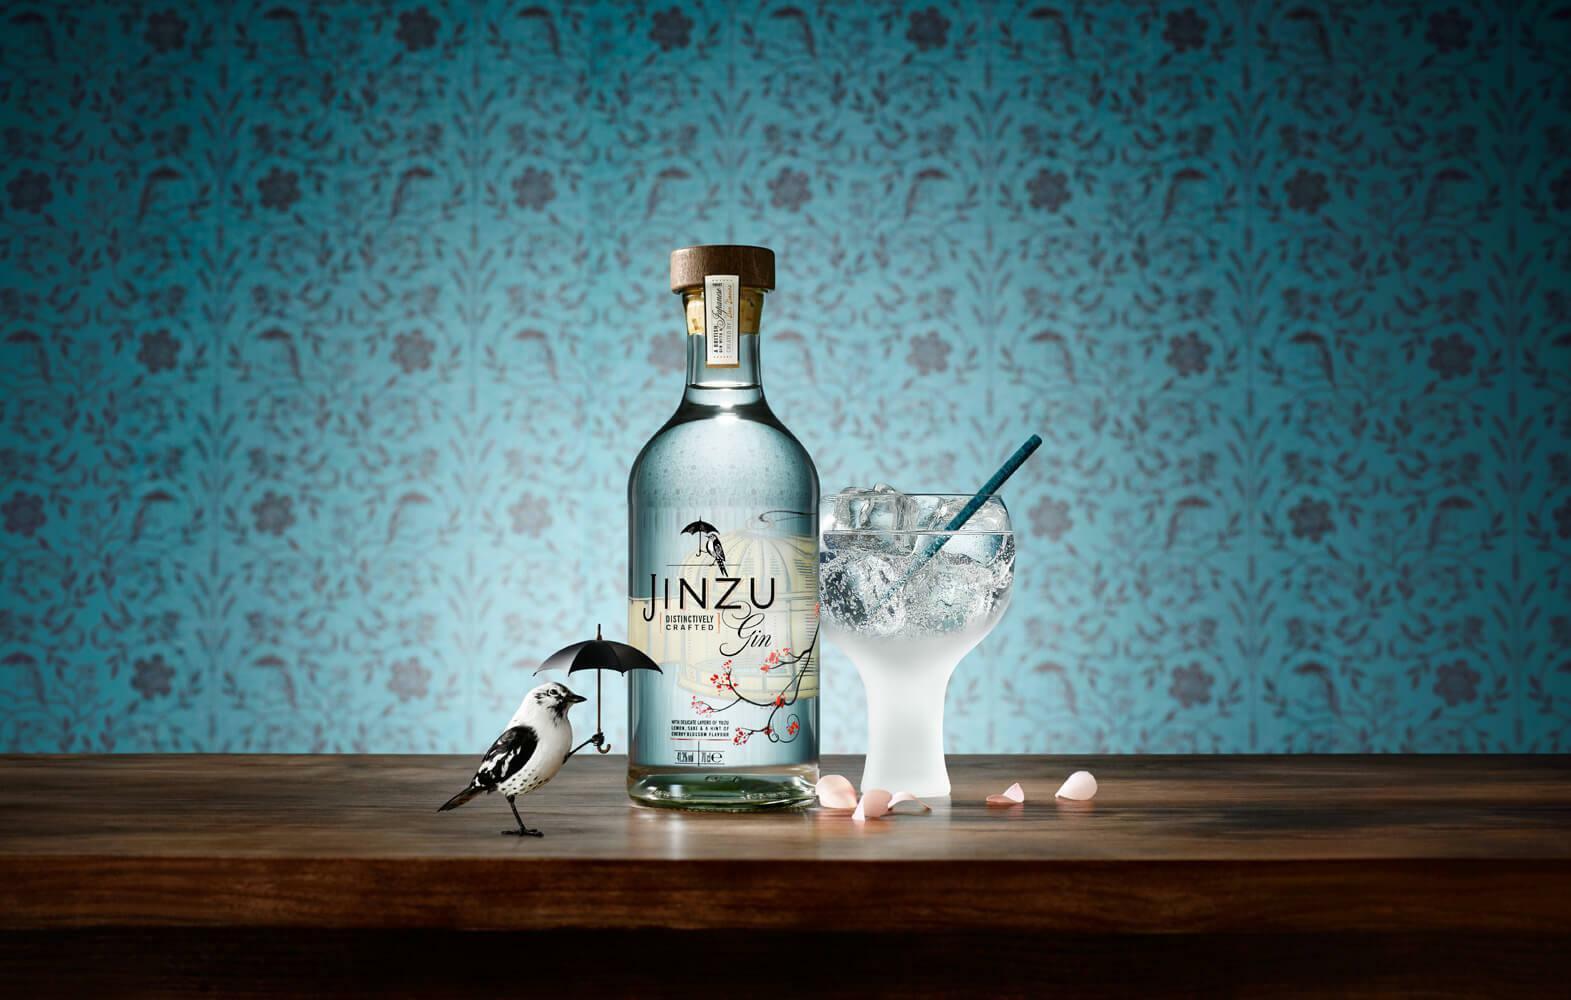 jinzu jinzu gin distinctively crafted 70 cl